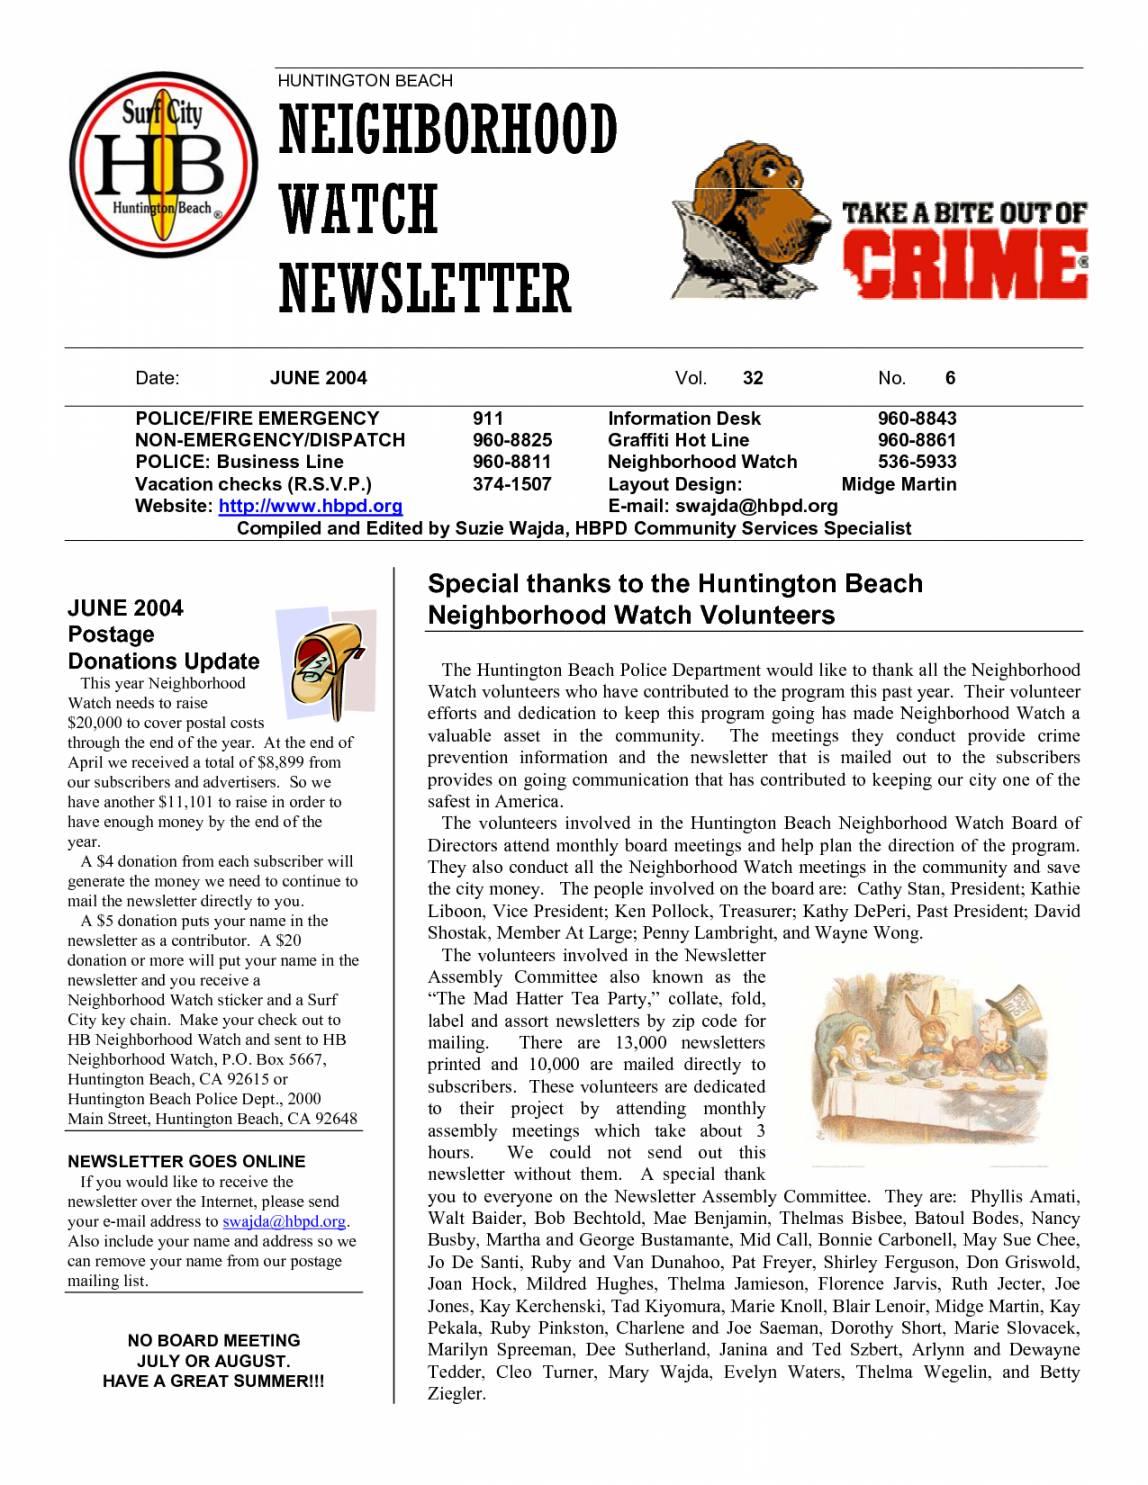 Neighborhood Watch Newsletter Templates